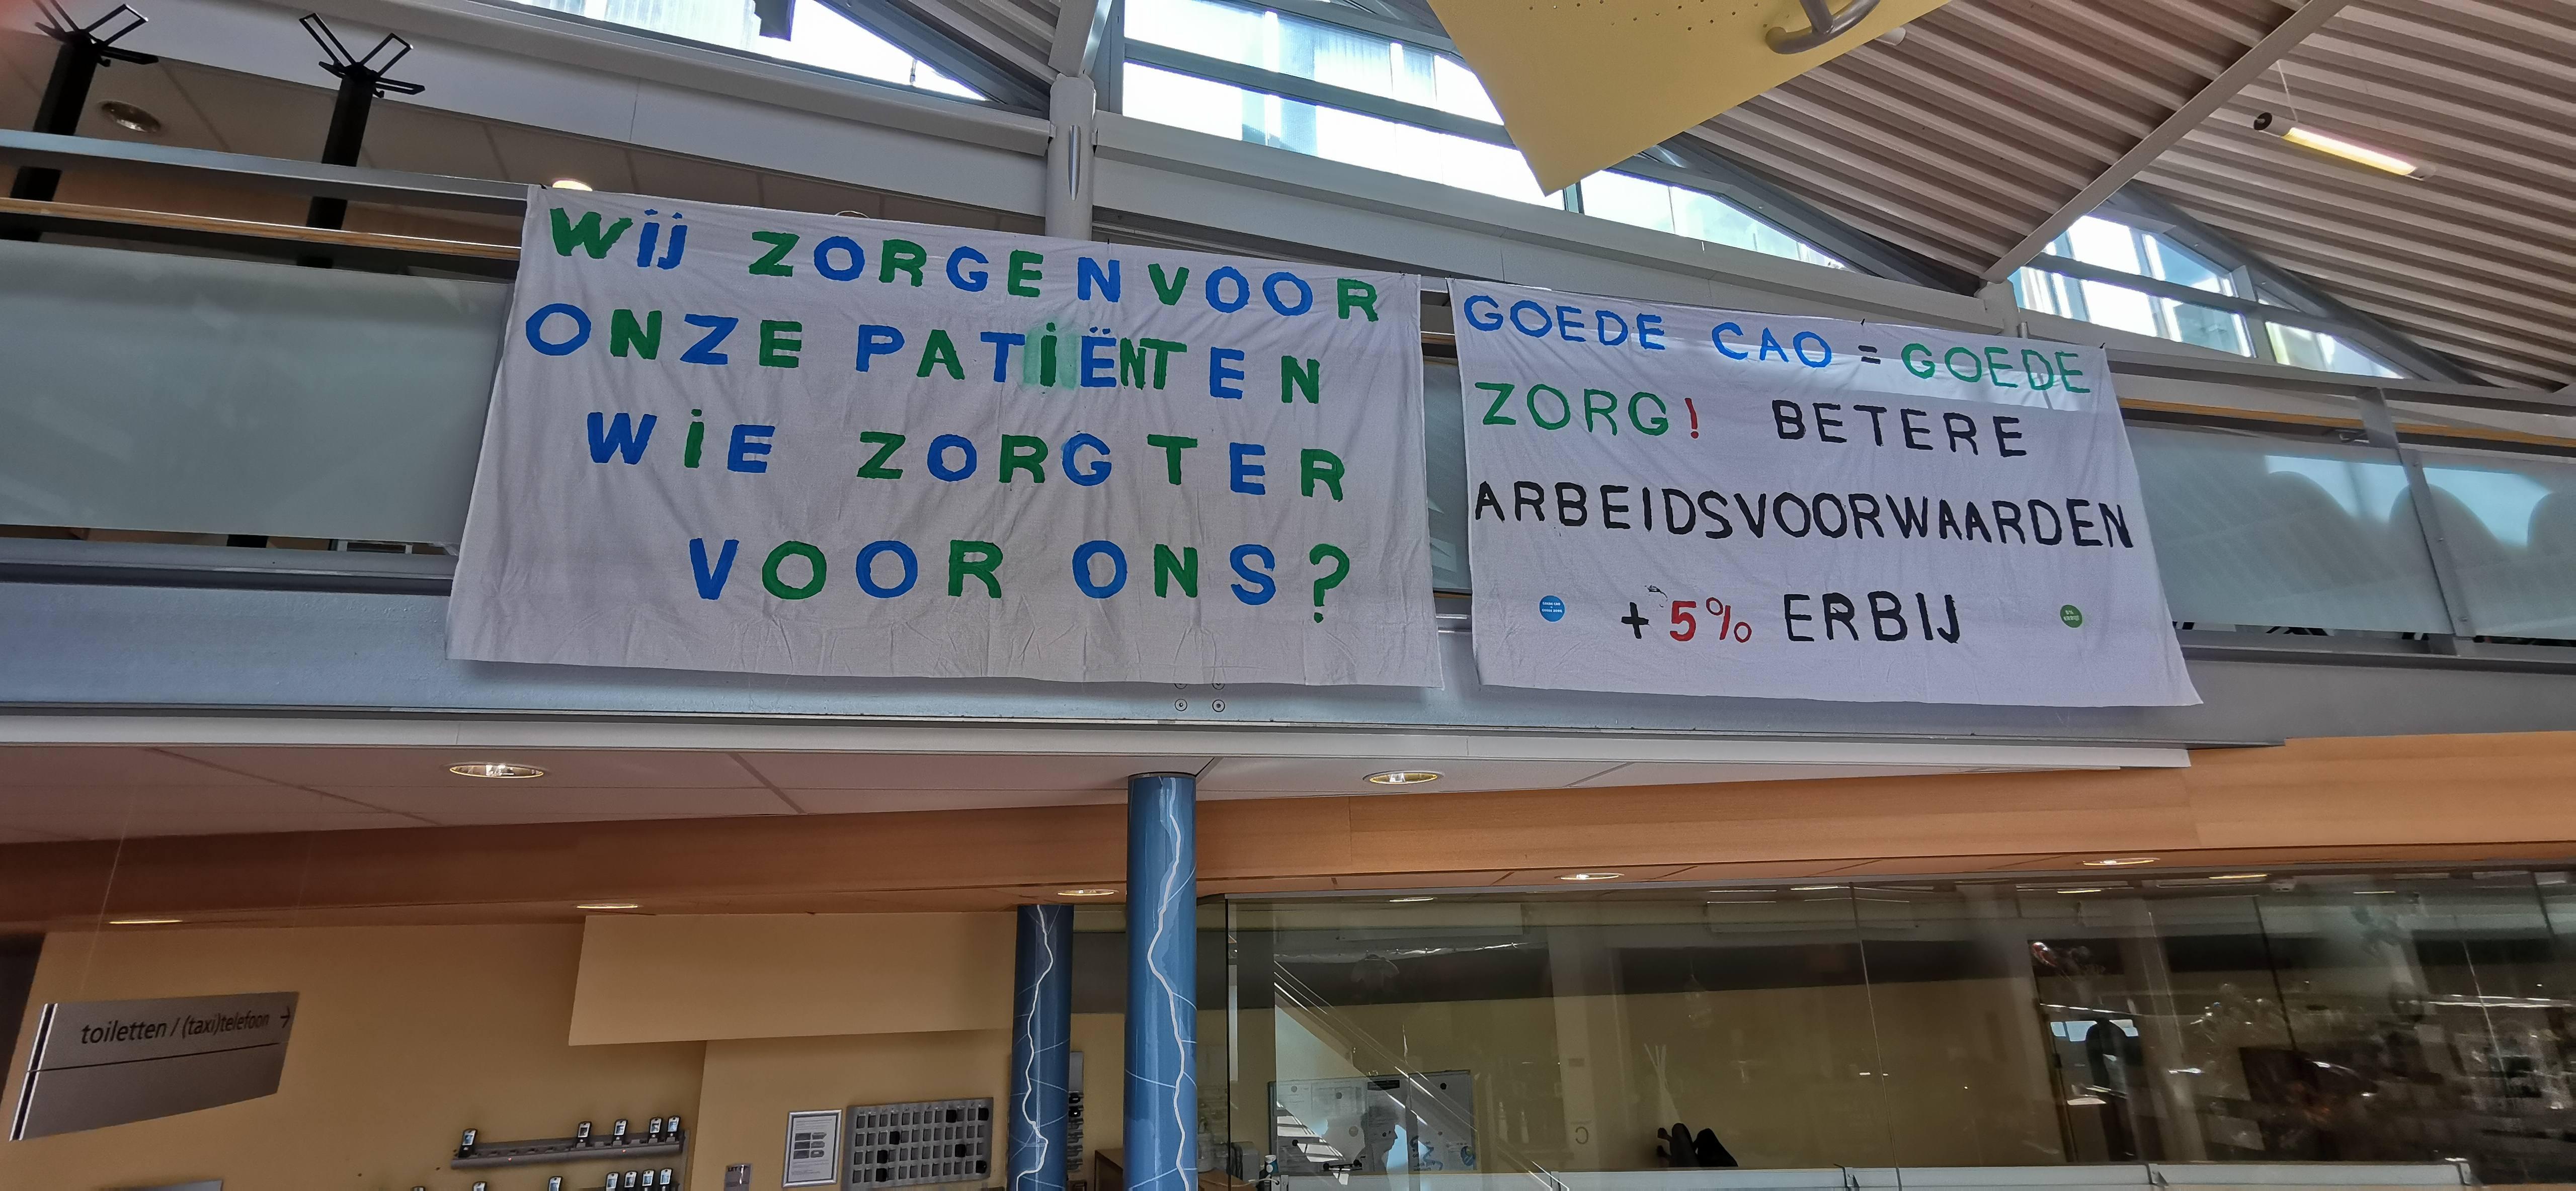 Landelijke actiedag: zondagsdiensten in Bethesda Hoogeveen - Regionieuws Hoogeveen